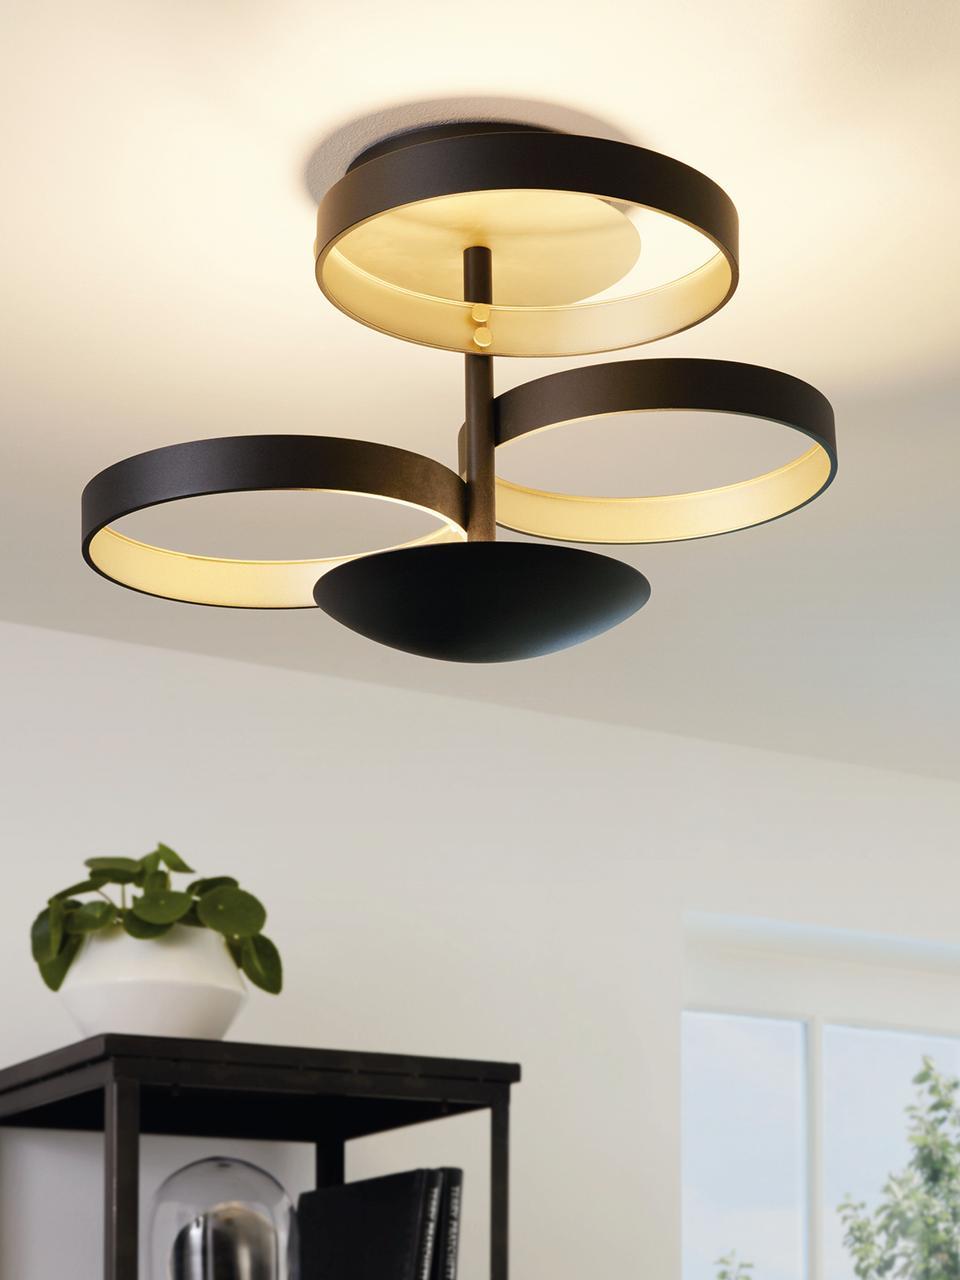 Dimmbare LED-Deckenleuchte Gromola, Lampenschirm: Aluminium, lackiert, Baldachin: Aluminium, lackiert, Schwarz, Ø 54 x H 33 cm